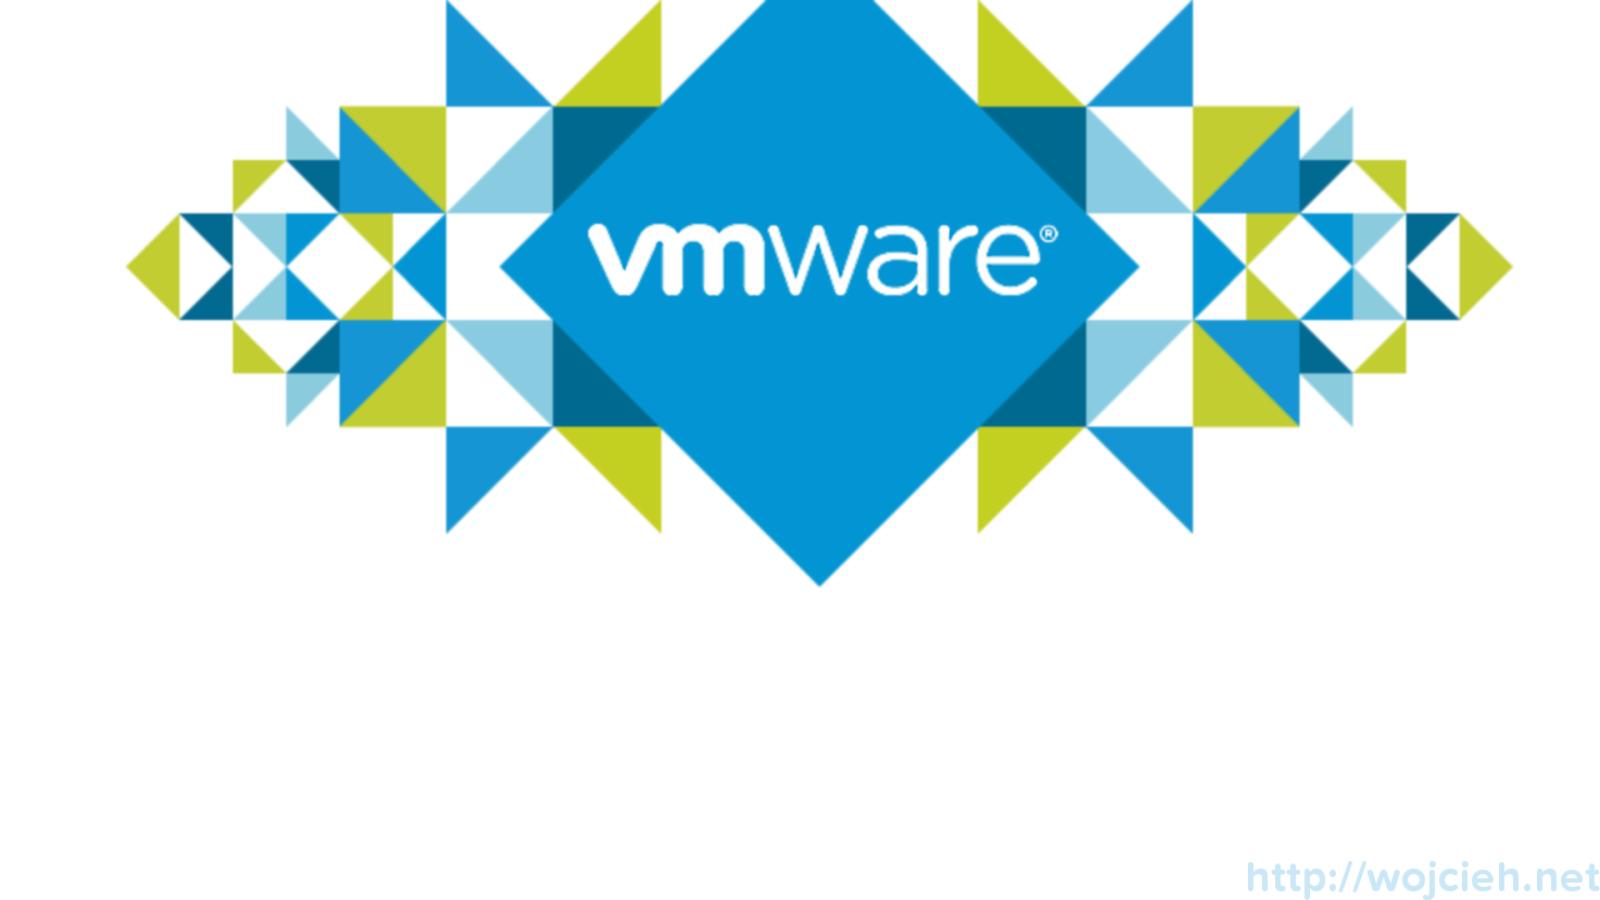 VMware Wallpaper - 8